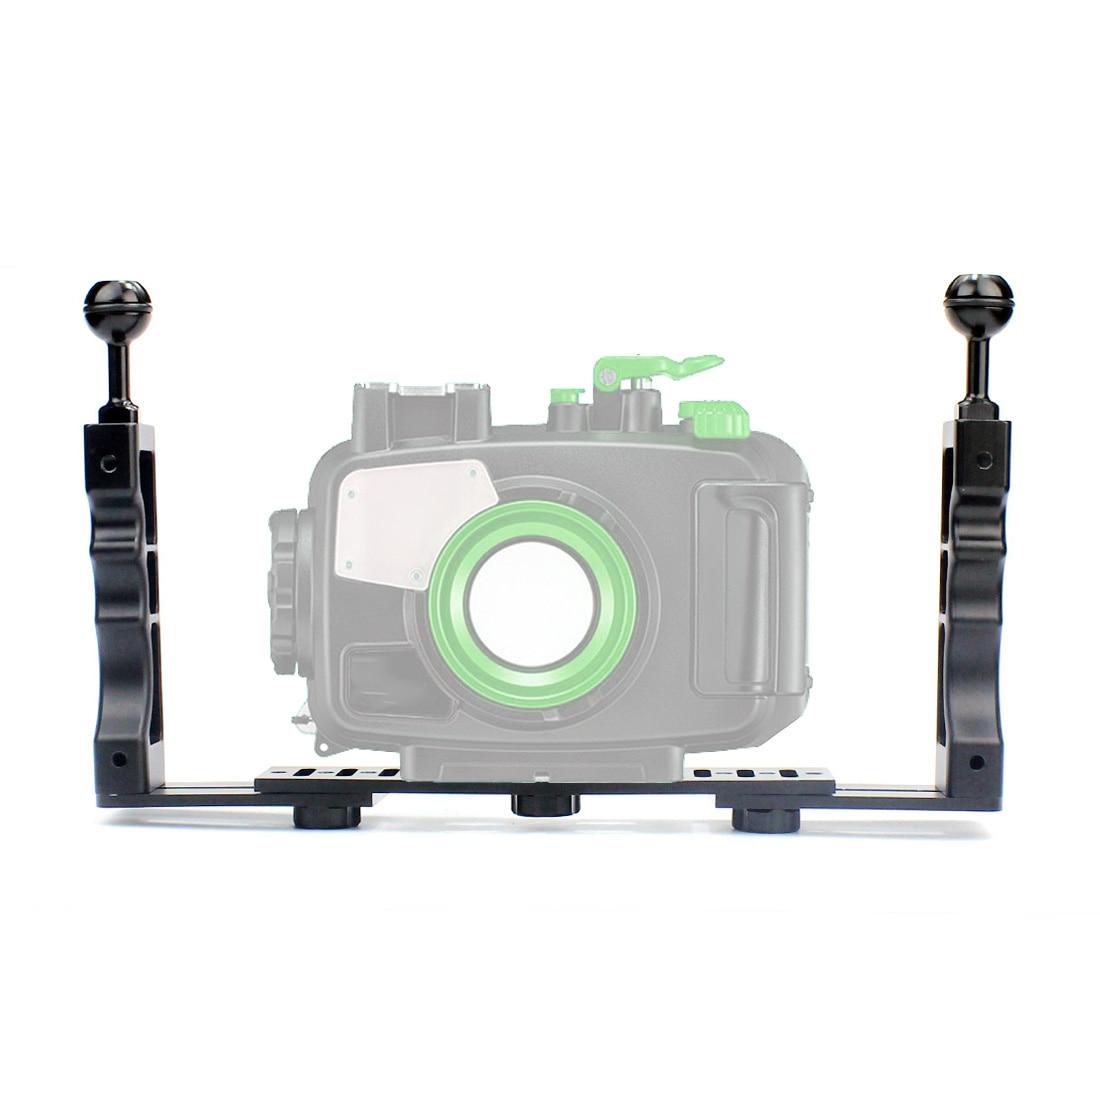 Handheld Griff Hand Grip Stabilisator Rig Unterwasser Scuba Tauchen Dive Tray Mount/LED Licht für Gopro Kamera SJCAM Smartphone